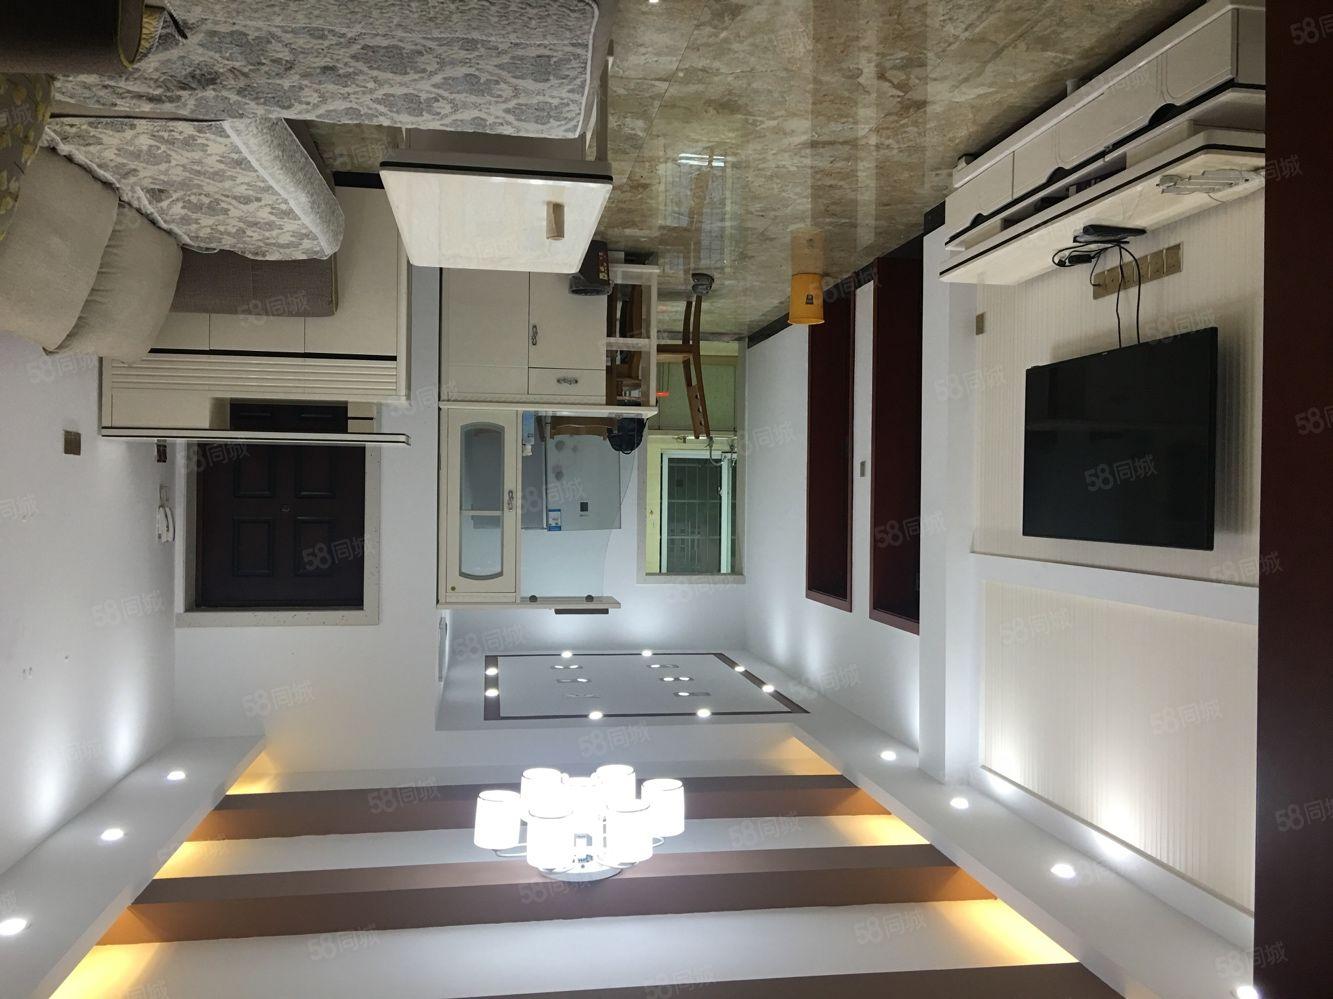 泸县康桥实验学校旁,精装多层2楼2室2厅2卫